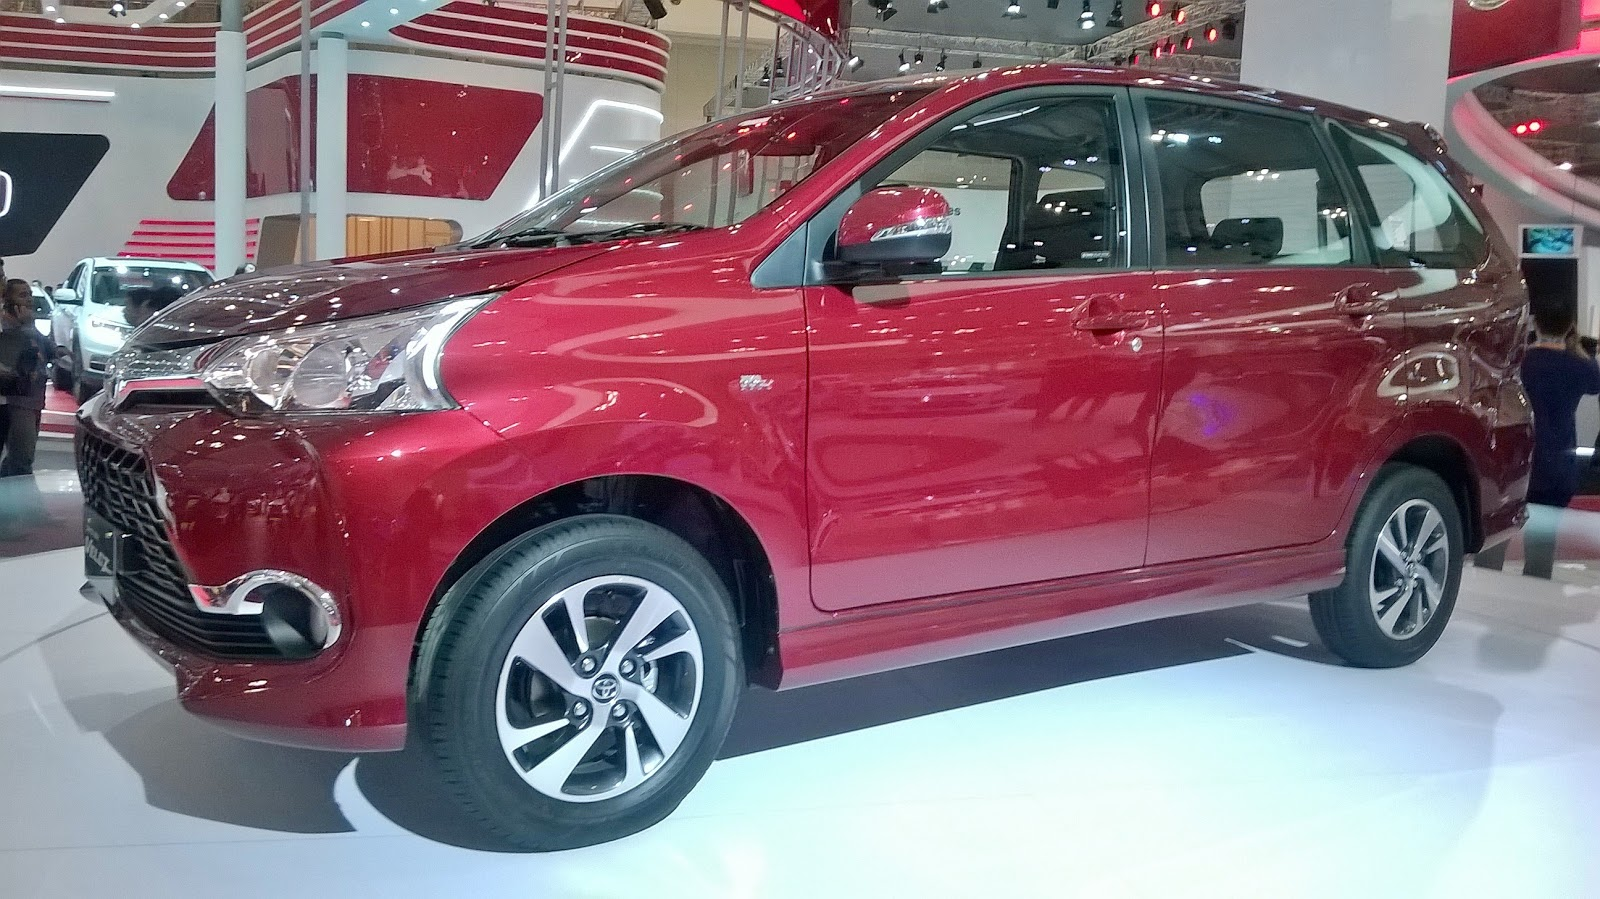 Variasi Grand New Veloz Harga Toyota All Vellfire Cara Cerdas Memilih Mobil Keluarga Didno76